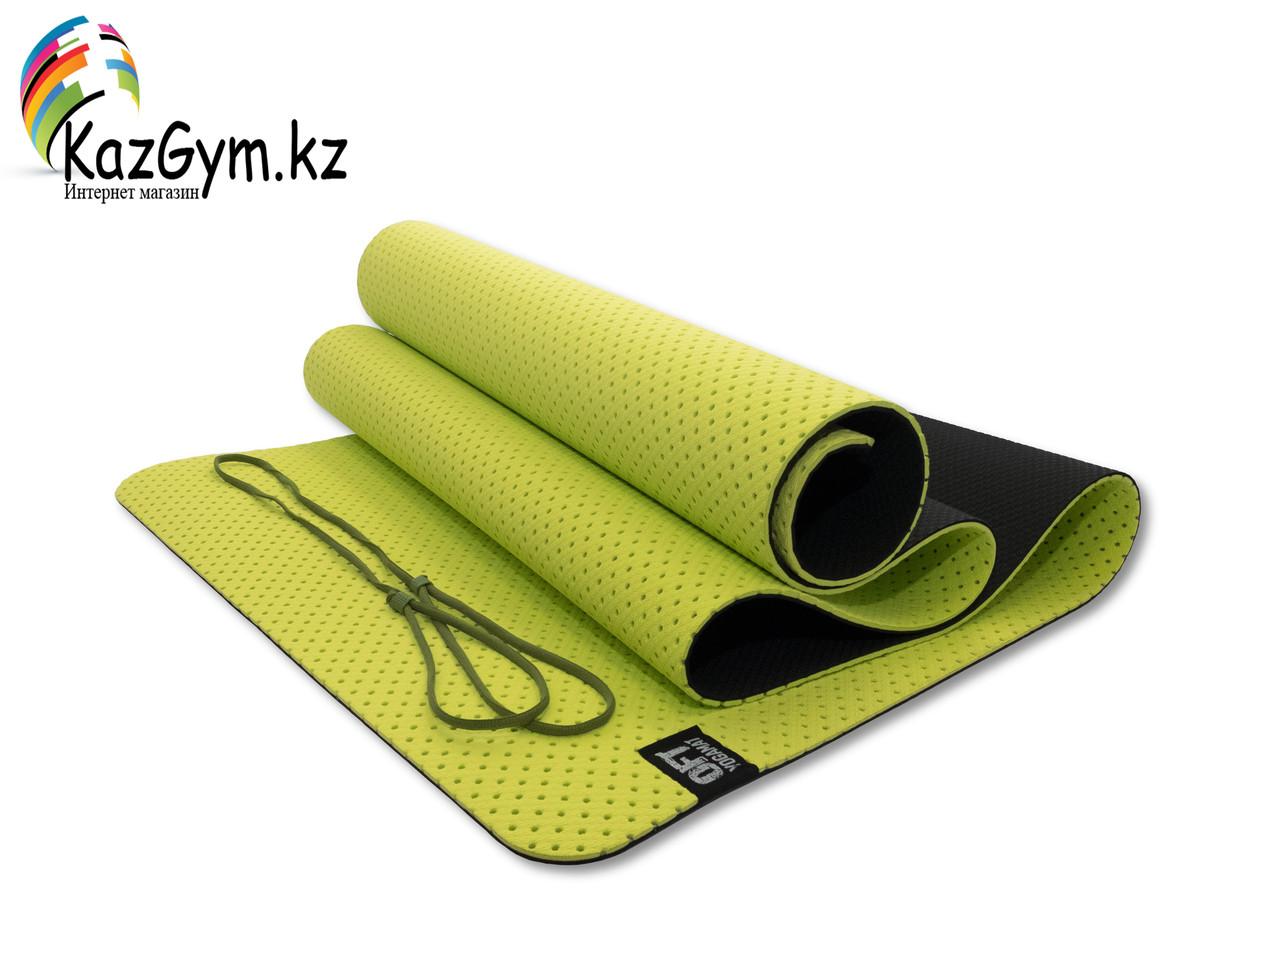 Мат для йоги 6 мм двухслойный перфорированный оливковый (FT-YGM6-3DT-OLIVE) - фото 1